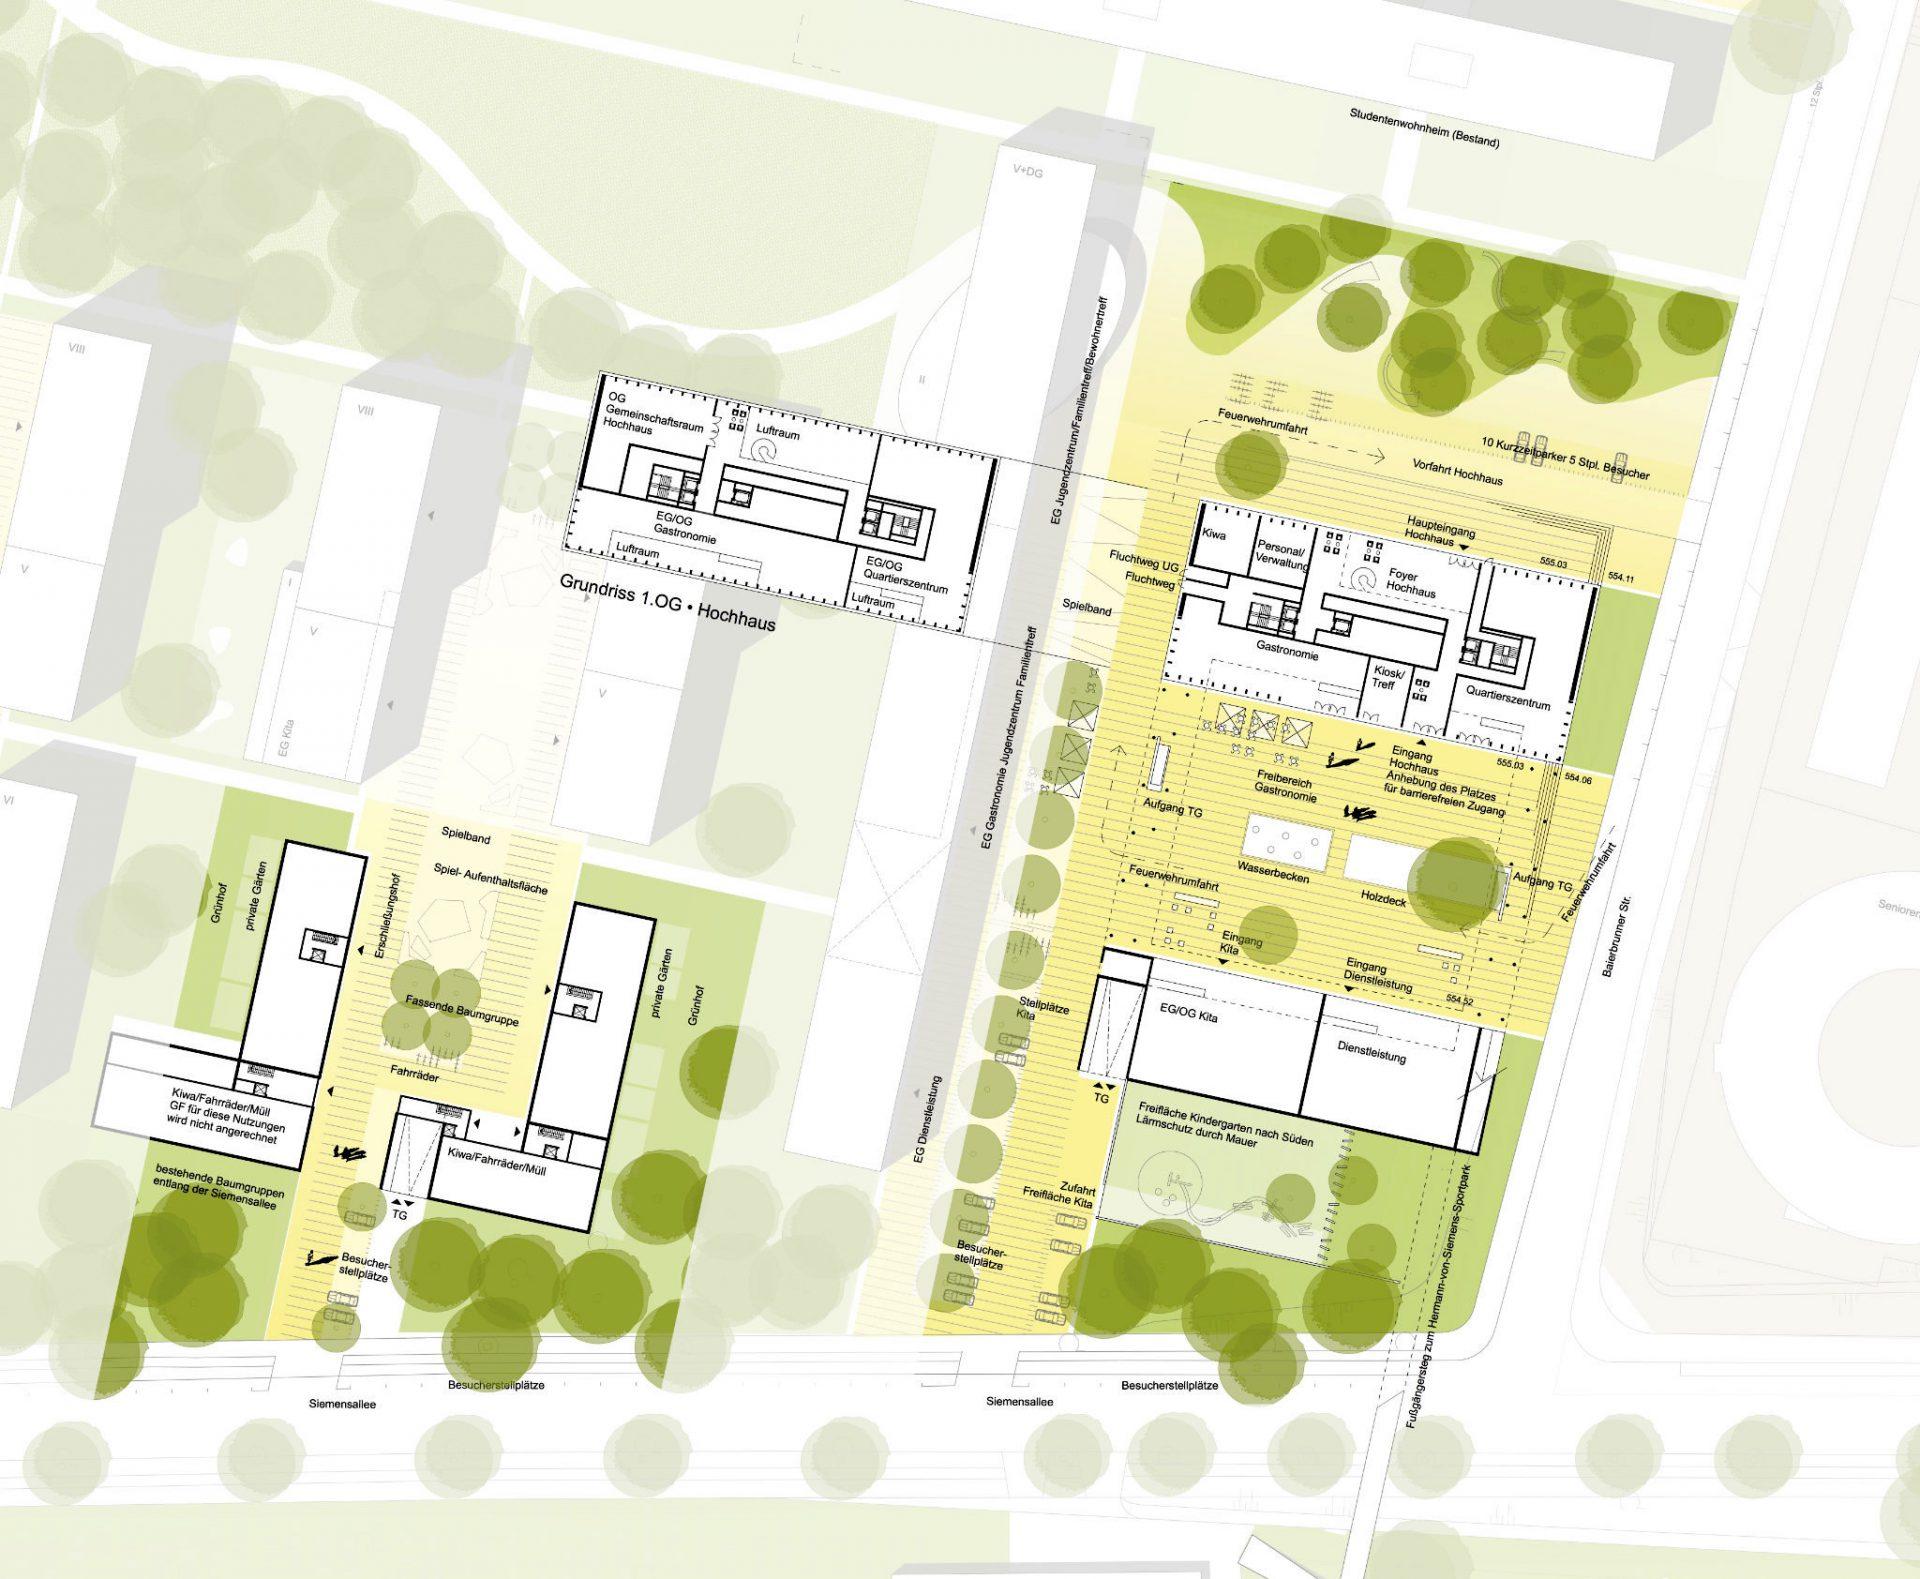 Gesamtkonzept Campus Süd